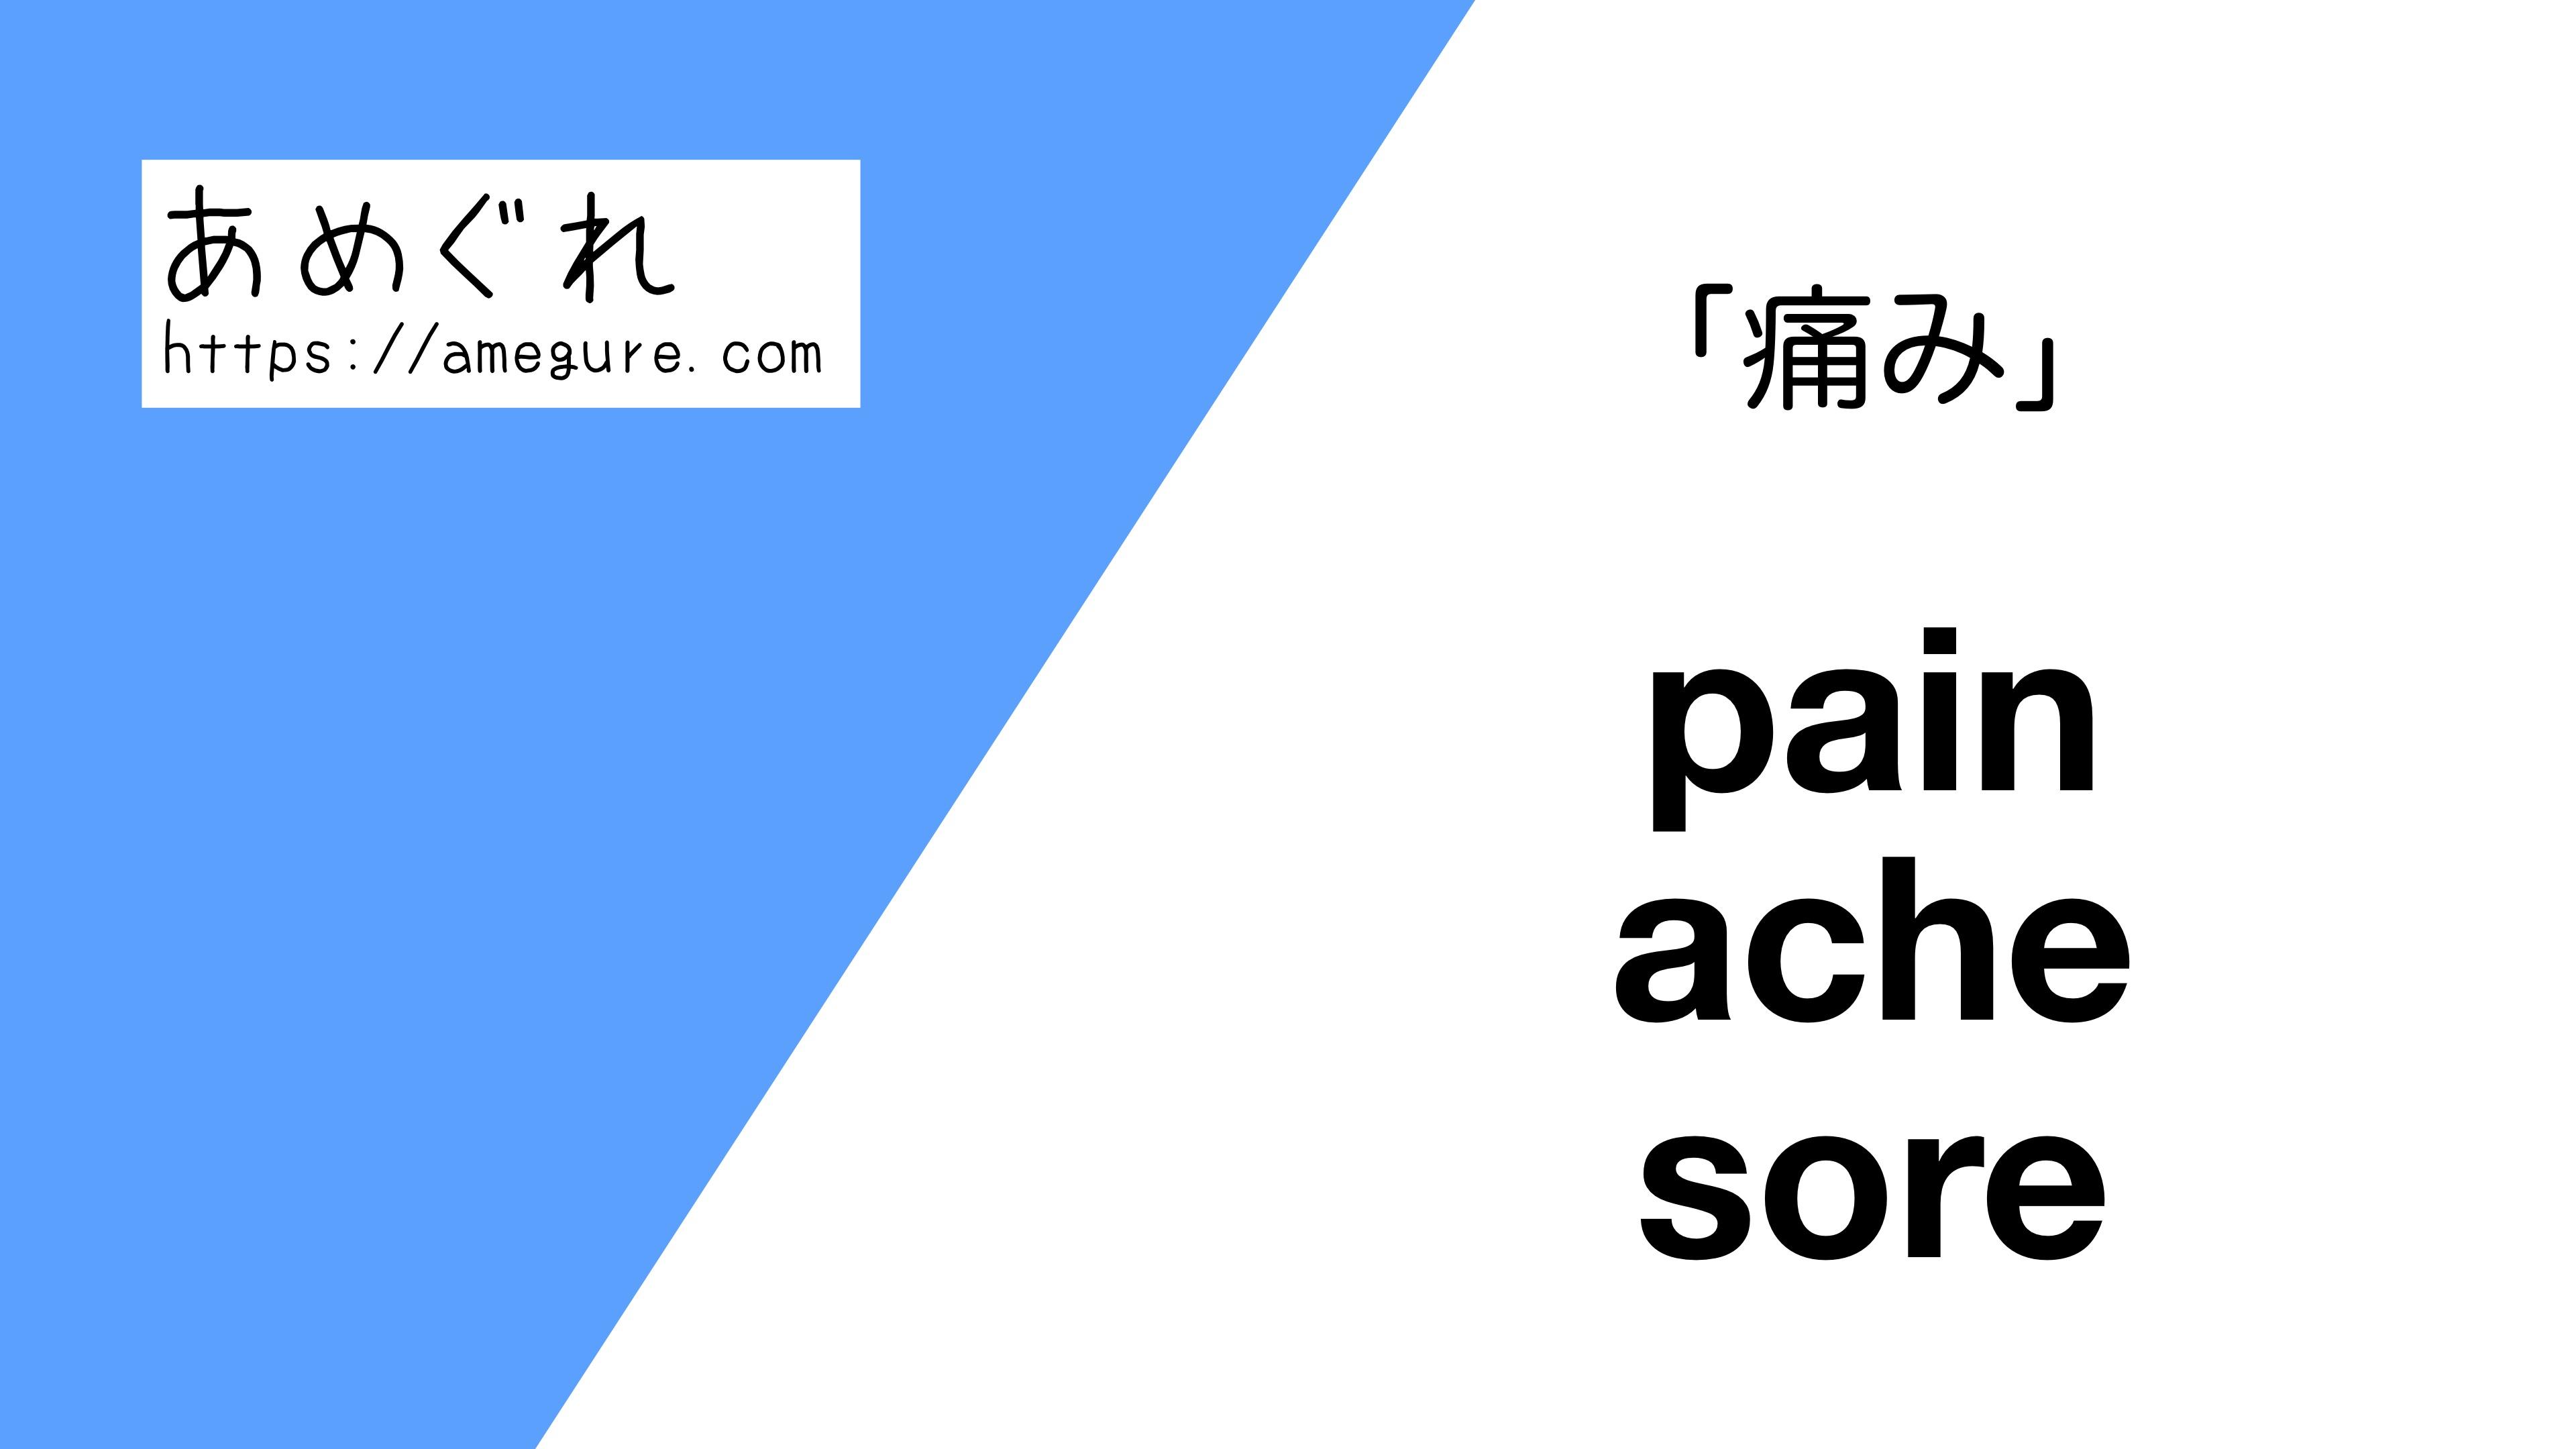 pain-ache-sore違い